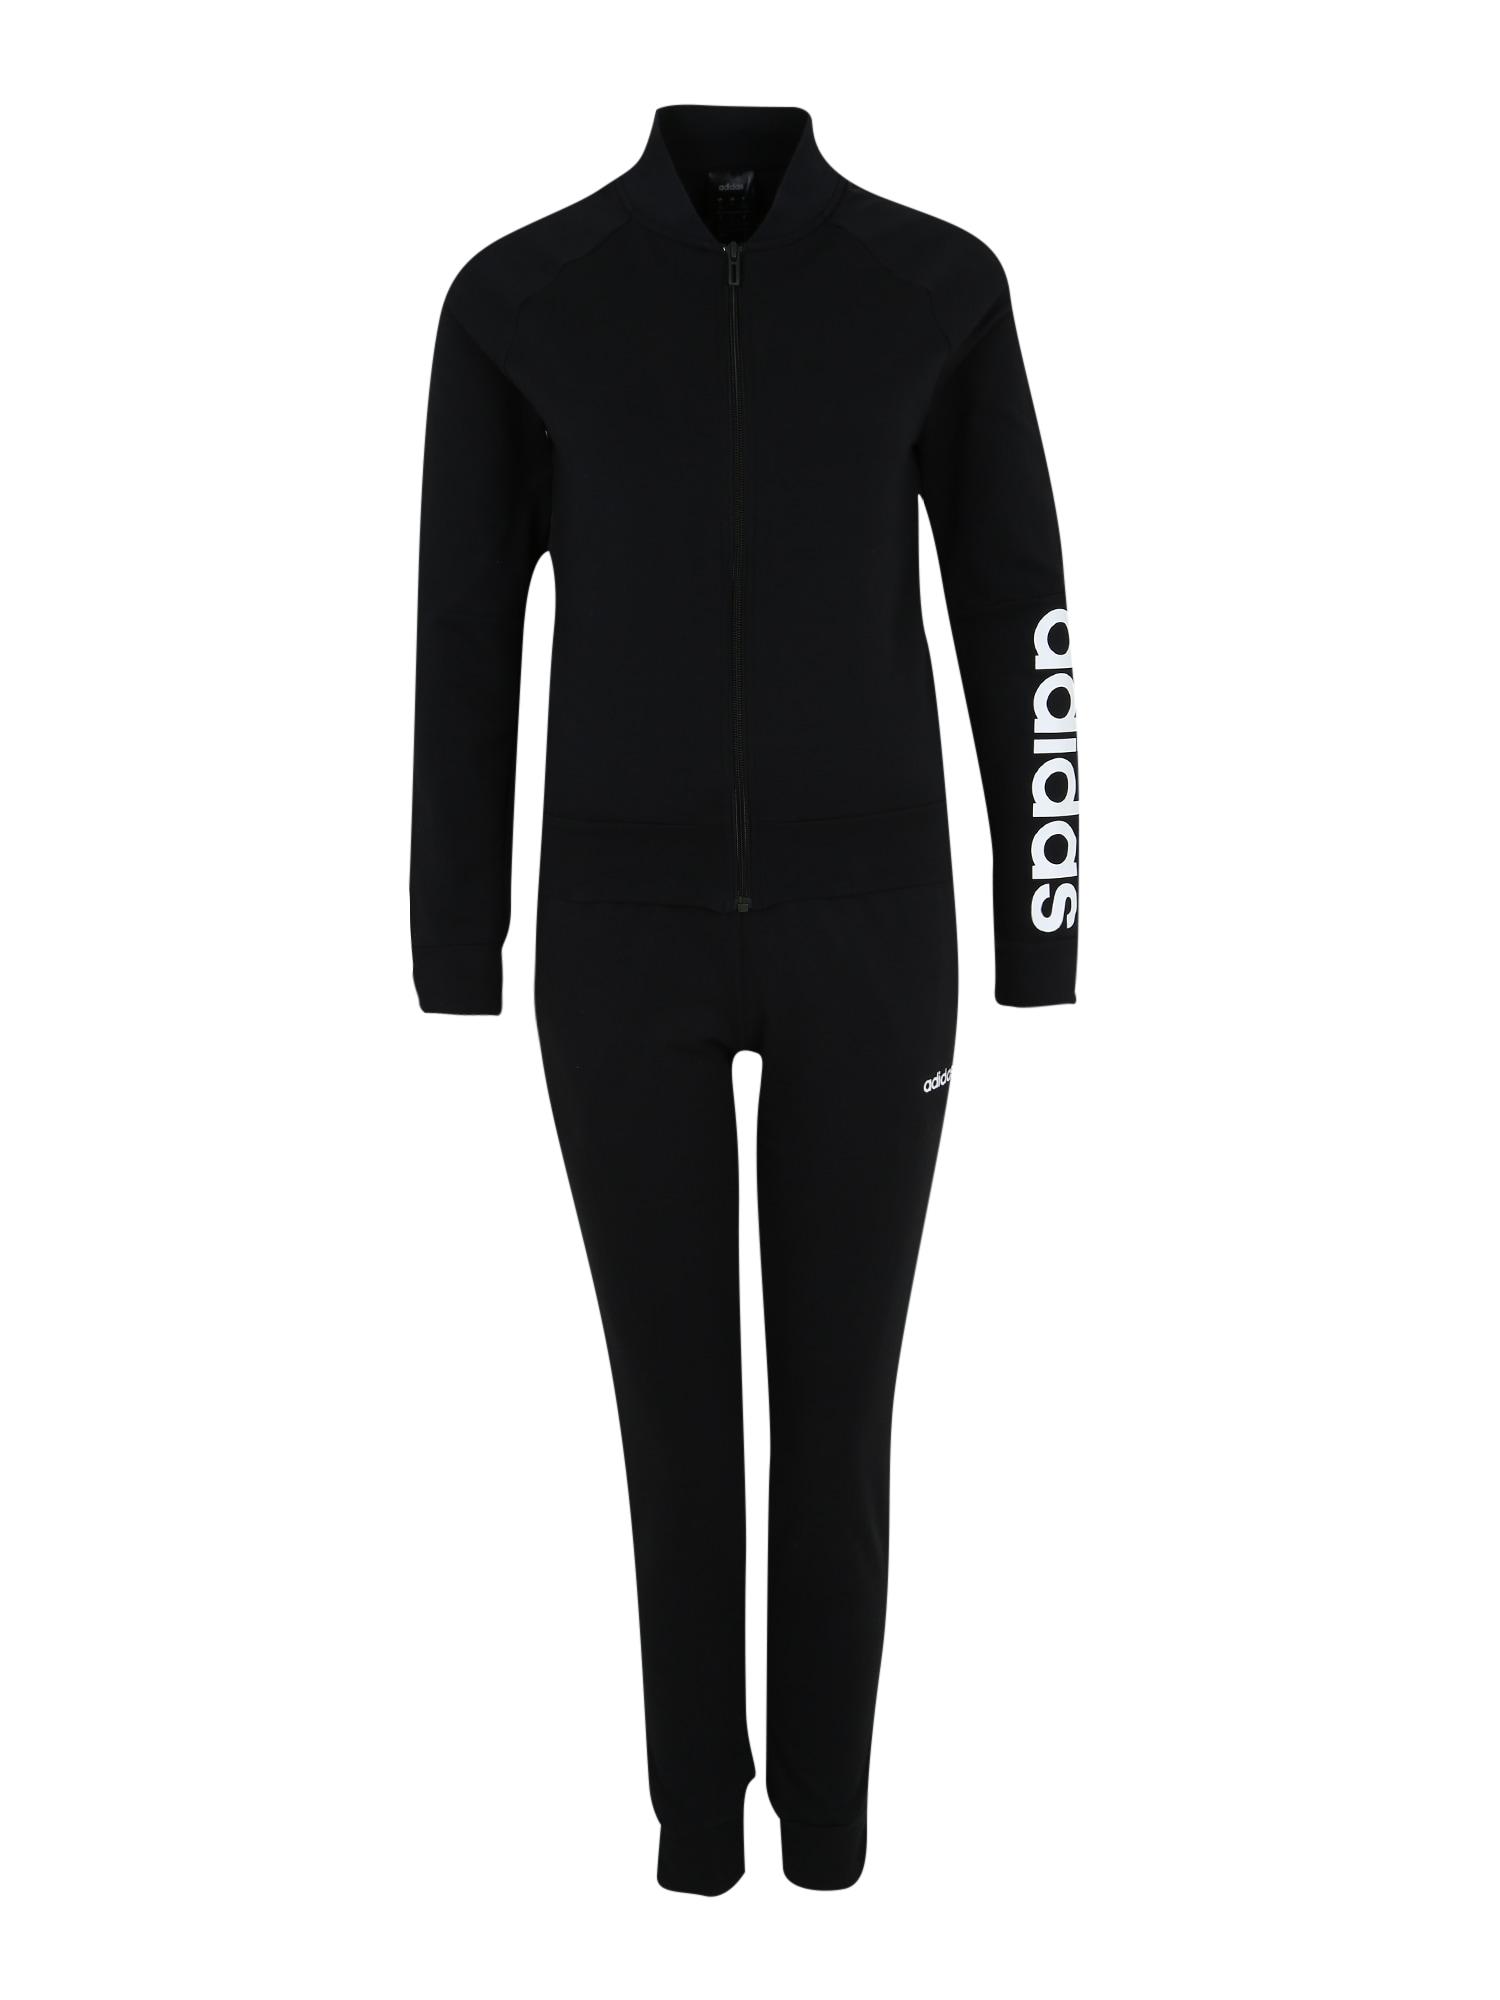 ADIDAS PERFORMANCE Treniruočių kostiumas 'WTS NEW CO MARK' juoda / balta